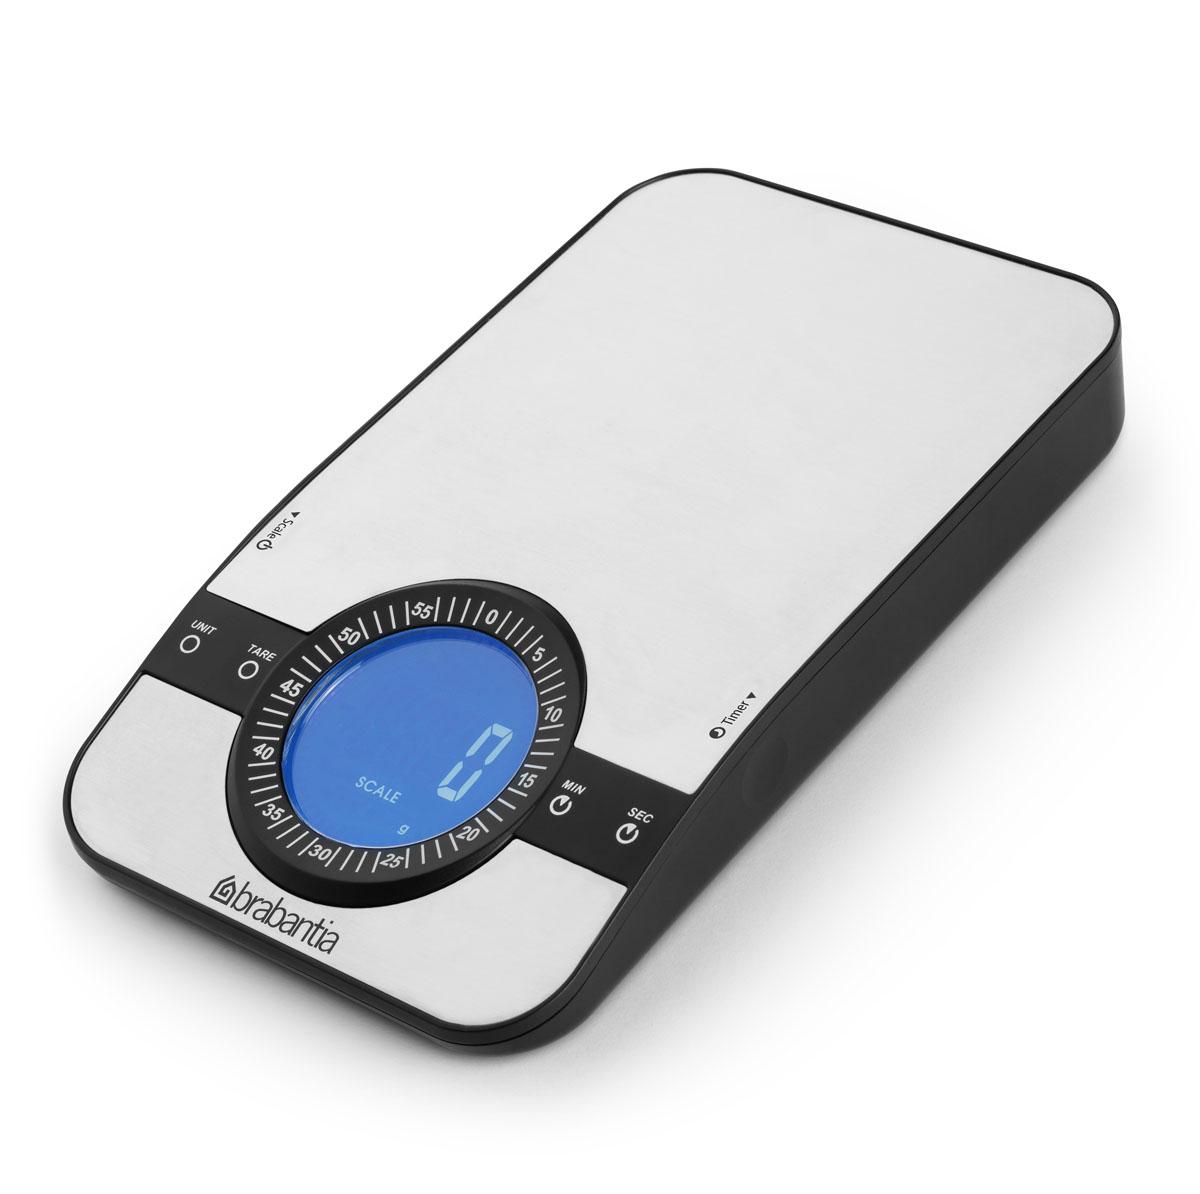 Весы кухонные Brabantia, с таймером, цвет: стальной матовый. 480607480607Встроенный кухонный таймер. Большой предел взвешивания – 5000 г/11 фунтов. Четкая индикация показаний на дисплее. Цифровая система, обеспечивающая высокую точность измерений – дискретность шкалы 1г/1/8 унции. Можно выбрать следующие единицы измерения: граммы, фунты: унции, миллилитры и жидкие унции. Удобны и просты в использовании – кнопки: «сброс», «добавить», «взвесить». Удобная очистка – стеклянная поверхность. Готовы к использованию – поставляются с комплектом батарей (3xAAA).